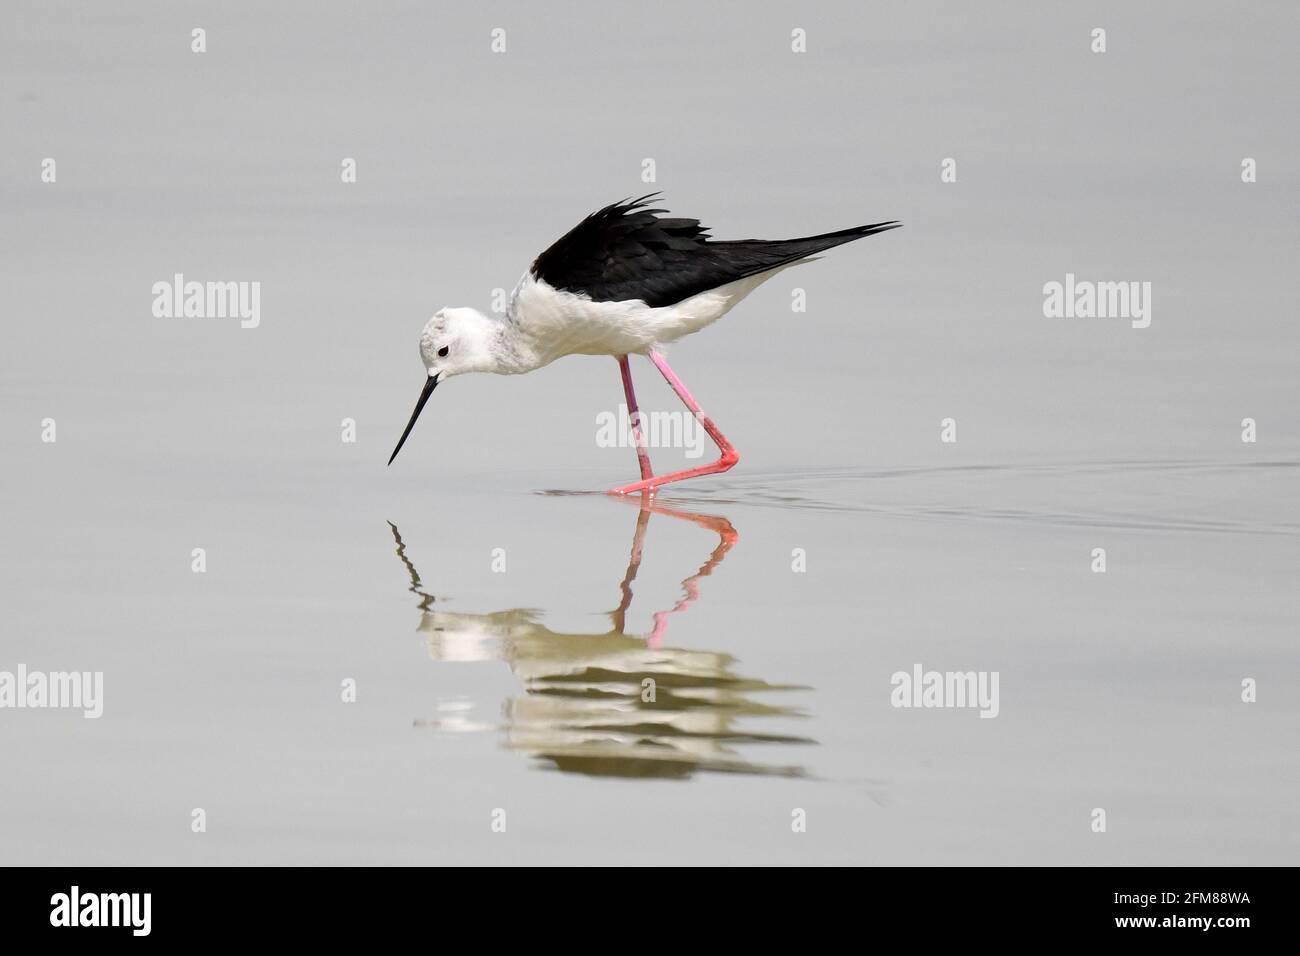 Koweït, Koweït. 6 mai 2021. Un oiseau se trouve sur une plage dans le gouvernorat de Jahra, au Koweït, le 6 mai 2021. Credit: Ghazy Qaffaf/Xinhua/Alamy Live News Banque D'Images